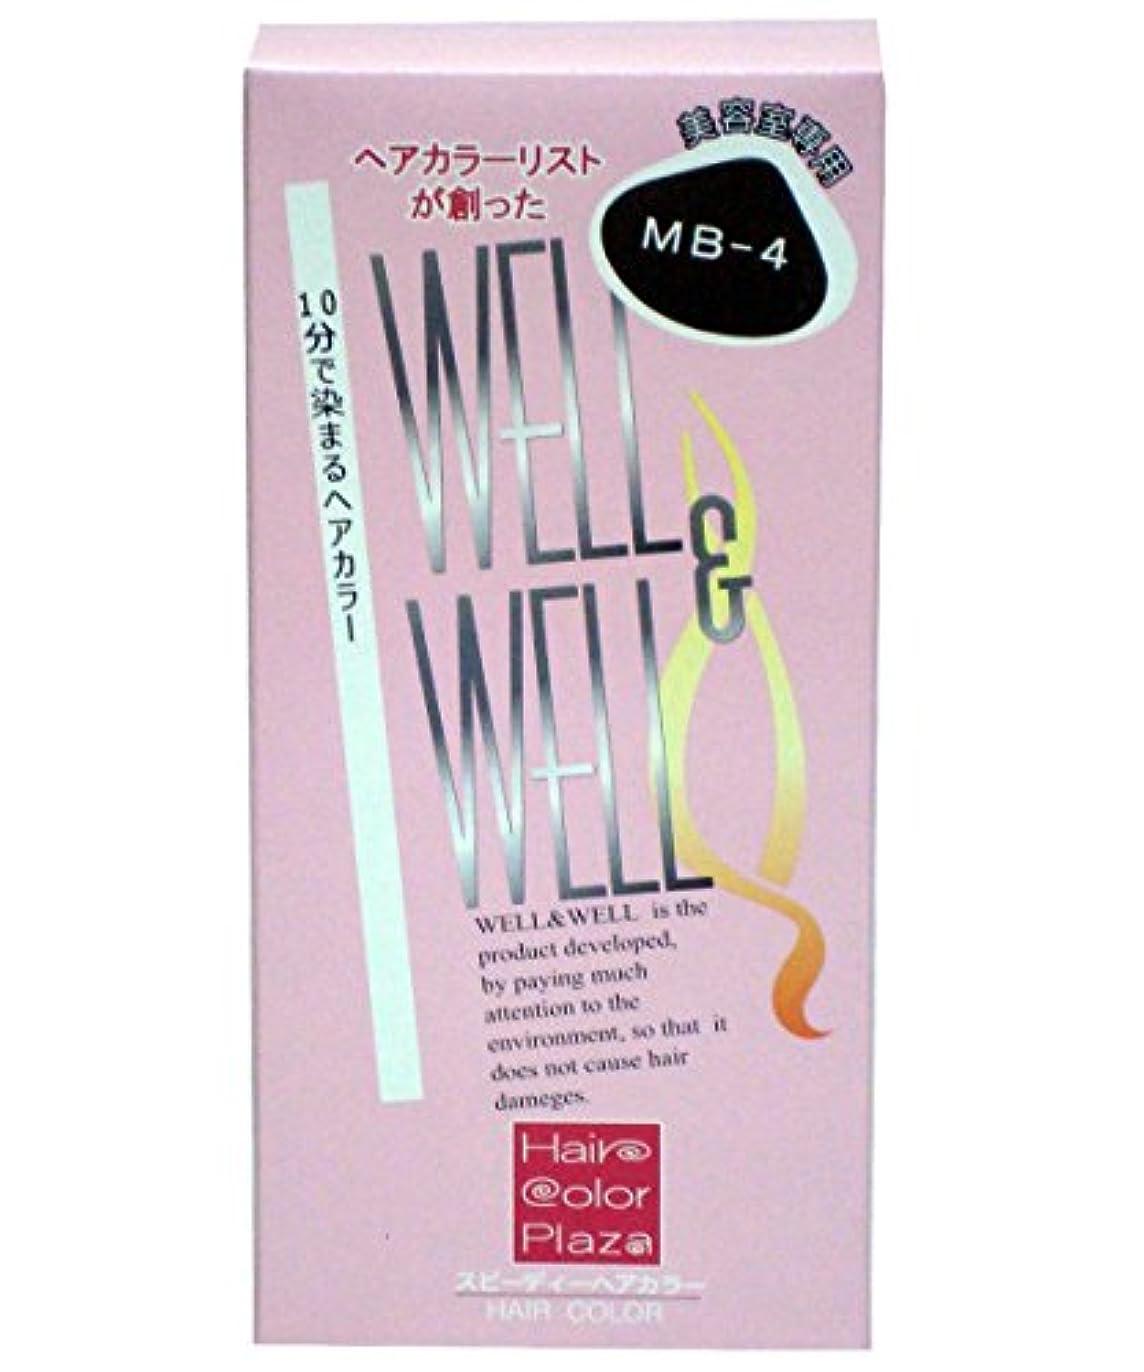 二層テクトニックアミューズメント【美容室専用】 ウェル&ウェル スピーディヘアカラー マロンブラウン MB-4